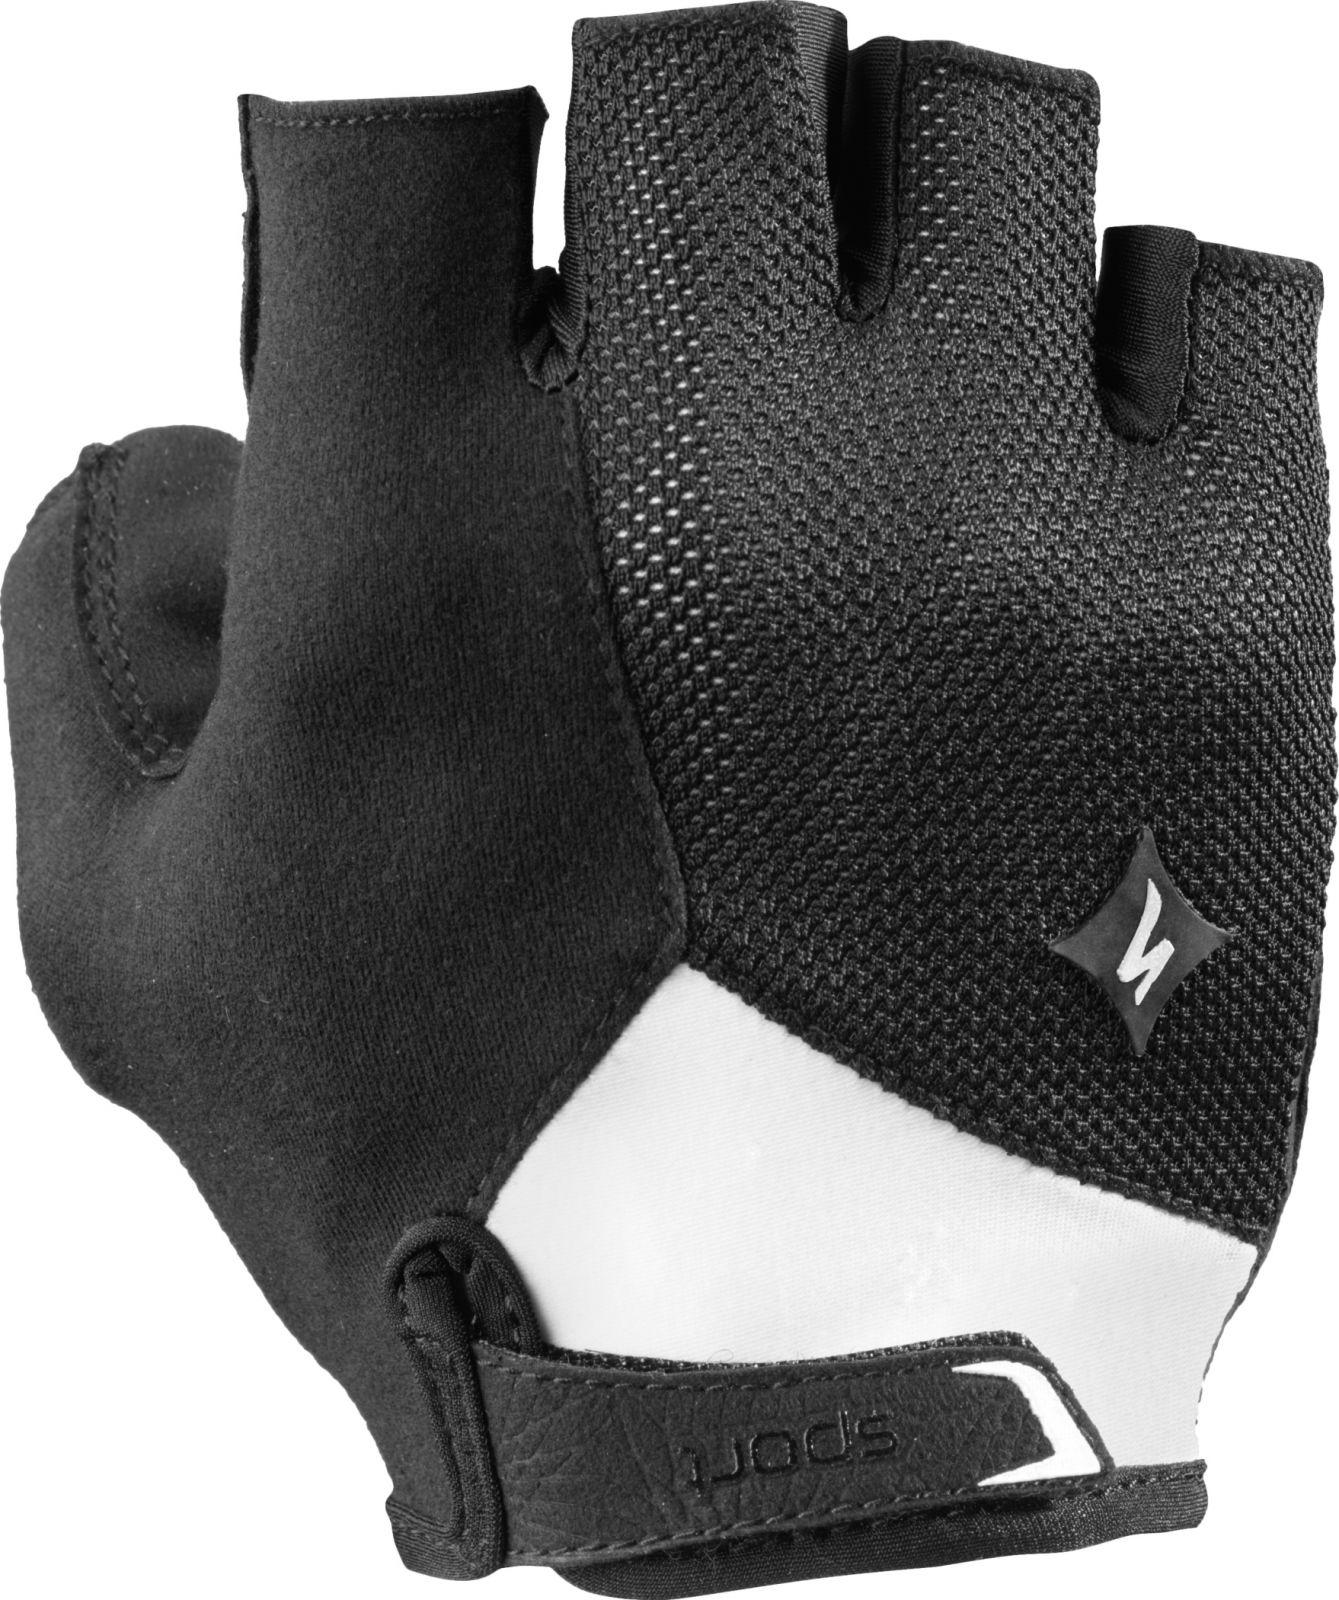 rukavice Specialized BG SPORT krátkoprsté dámské BLK/WHT XL